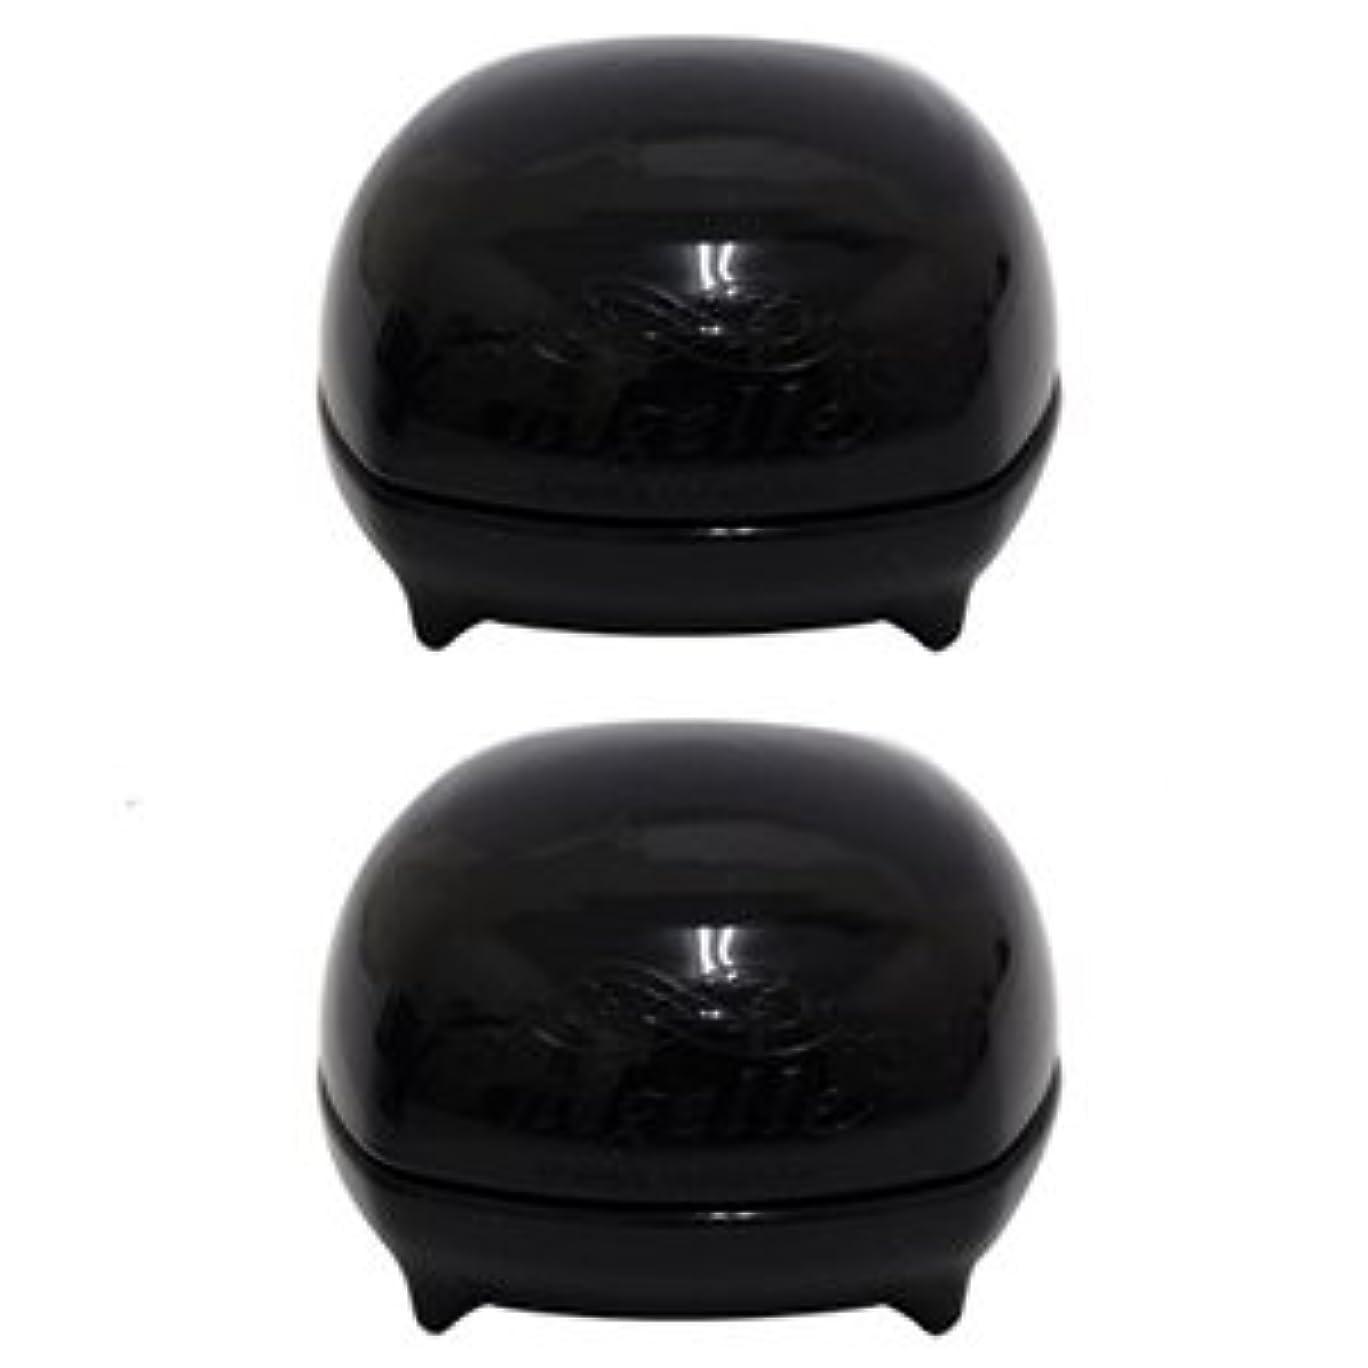 アプライアンス気づかない浴【X2個セット】 ミルボン ニゼル グラスプワックス 30g (ニゼルドレシアコレクション) GRASP WAX MILBON